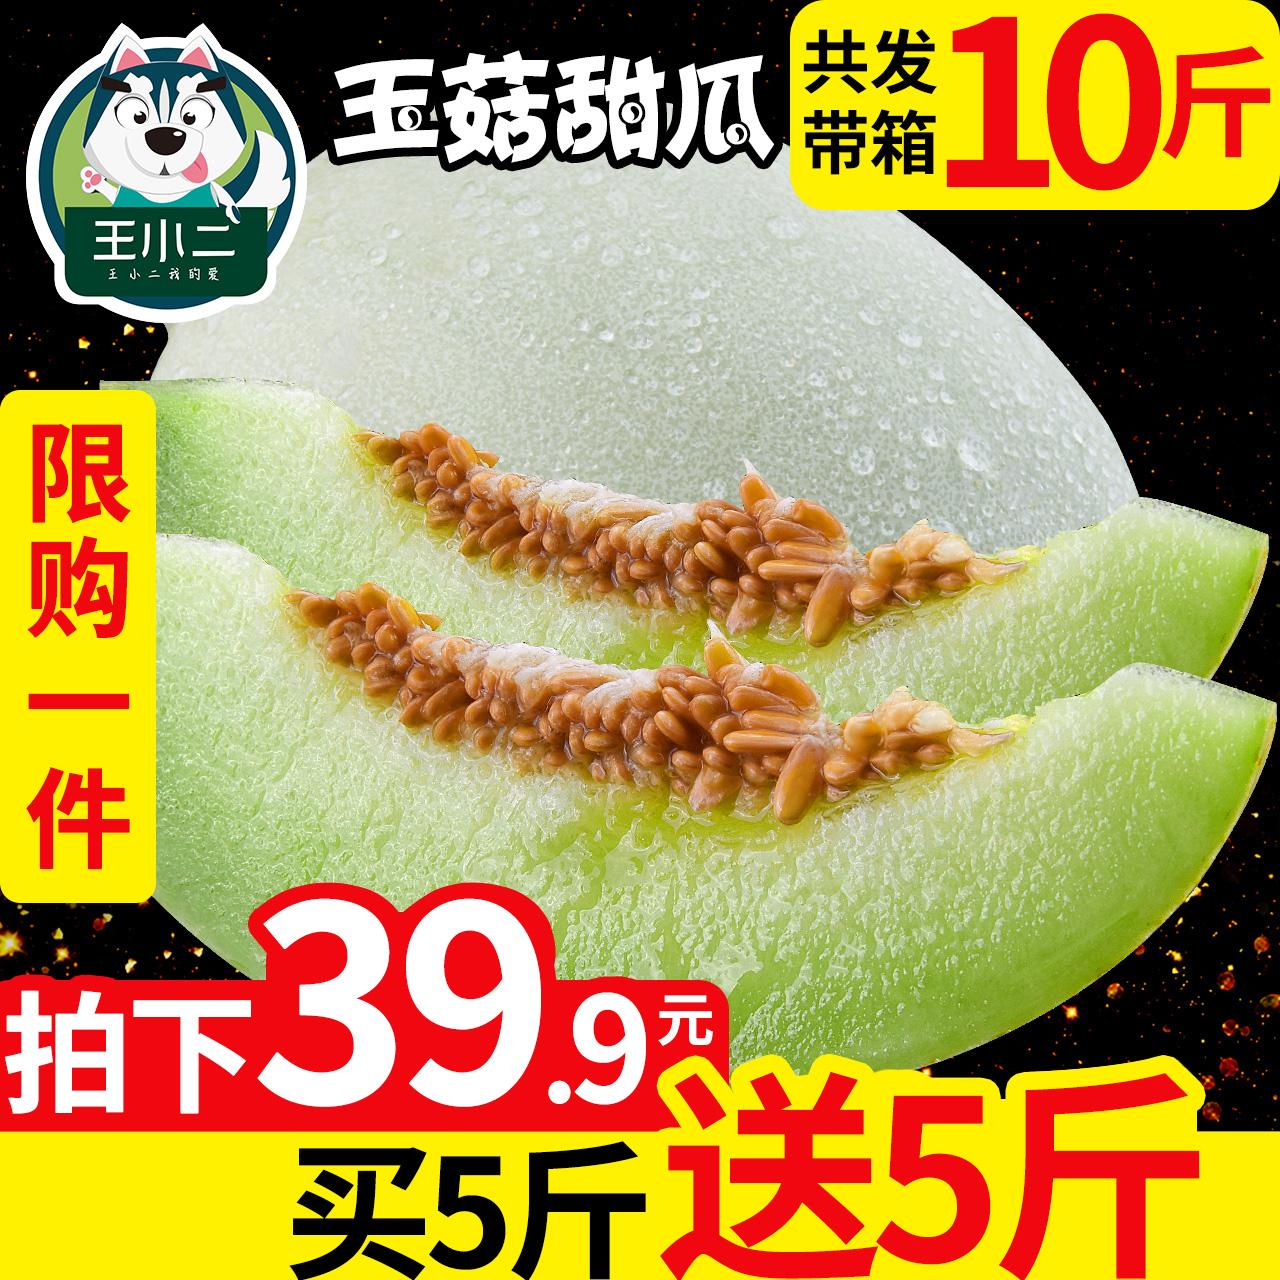 【买1送1】山东玉菇甜瓜香瓜新鲜水果包邮当季蜜瓜密瓜哈带箱10斤